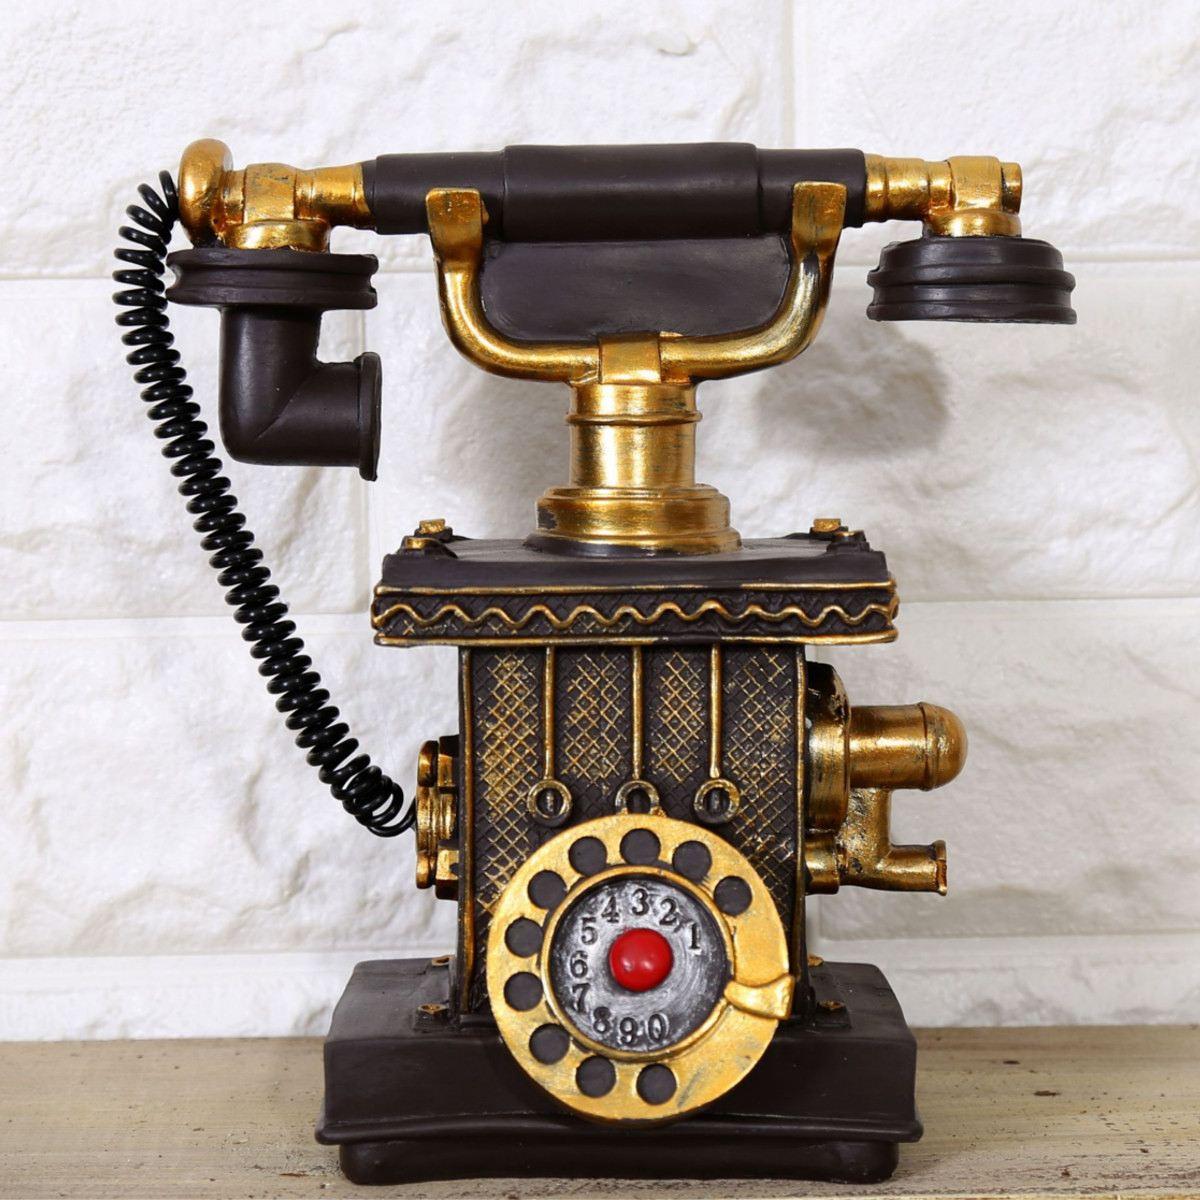 3 Colors Antique Retro Phone Piggy Bank Booth Call Telephone Model Figurine Home Decor